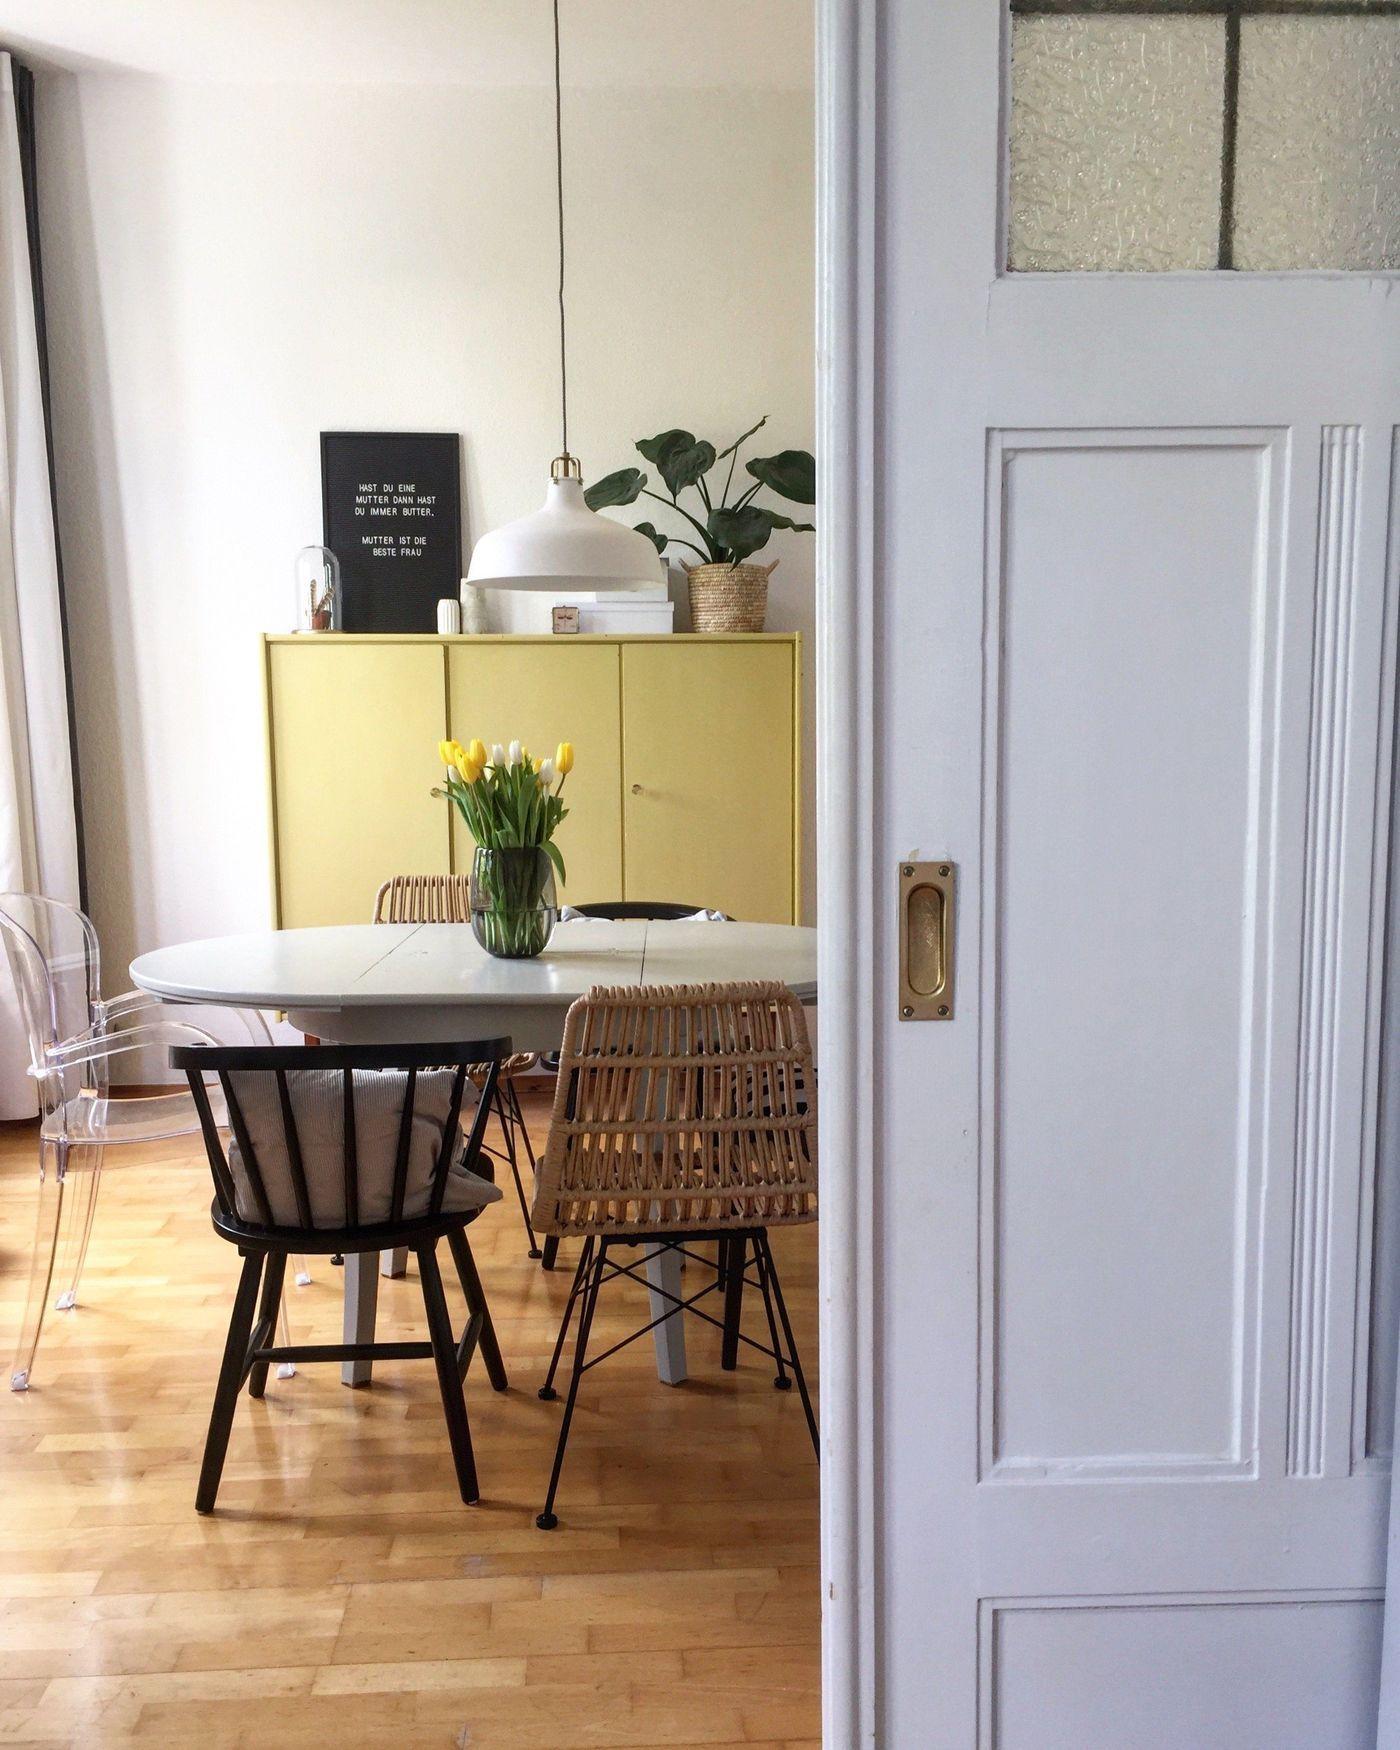 Full Size of Schnsten Ideen Mit Ikea Leuchten Seite 6 Sofa Schlaffunktion Küche Kosten Modulküche Pantryküche Betten 160x200 Kühlschrank Kaufen Miniküche Bei Wohnzimmer Pantryküche Ikea